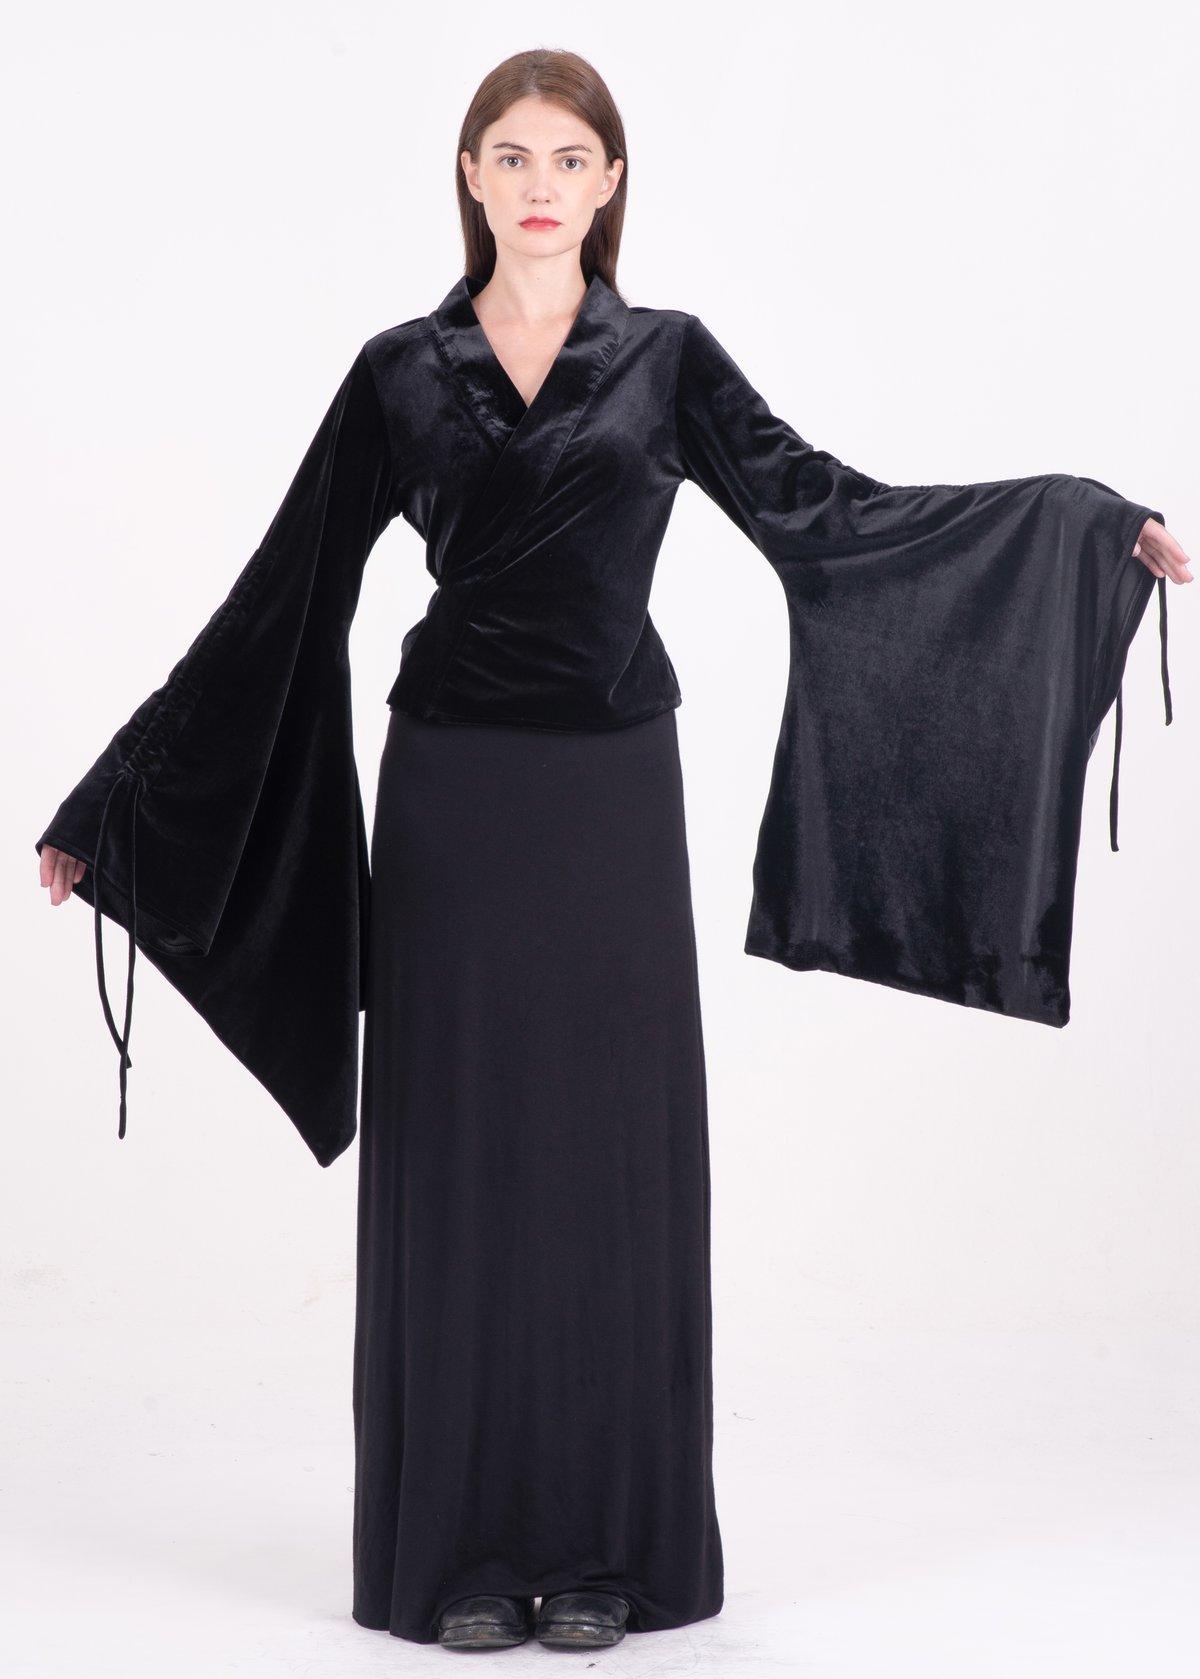 Image of Tie-detailed Billowing Sleeves Top in Black Velvet